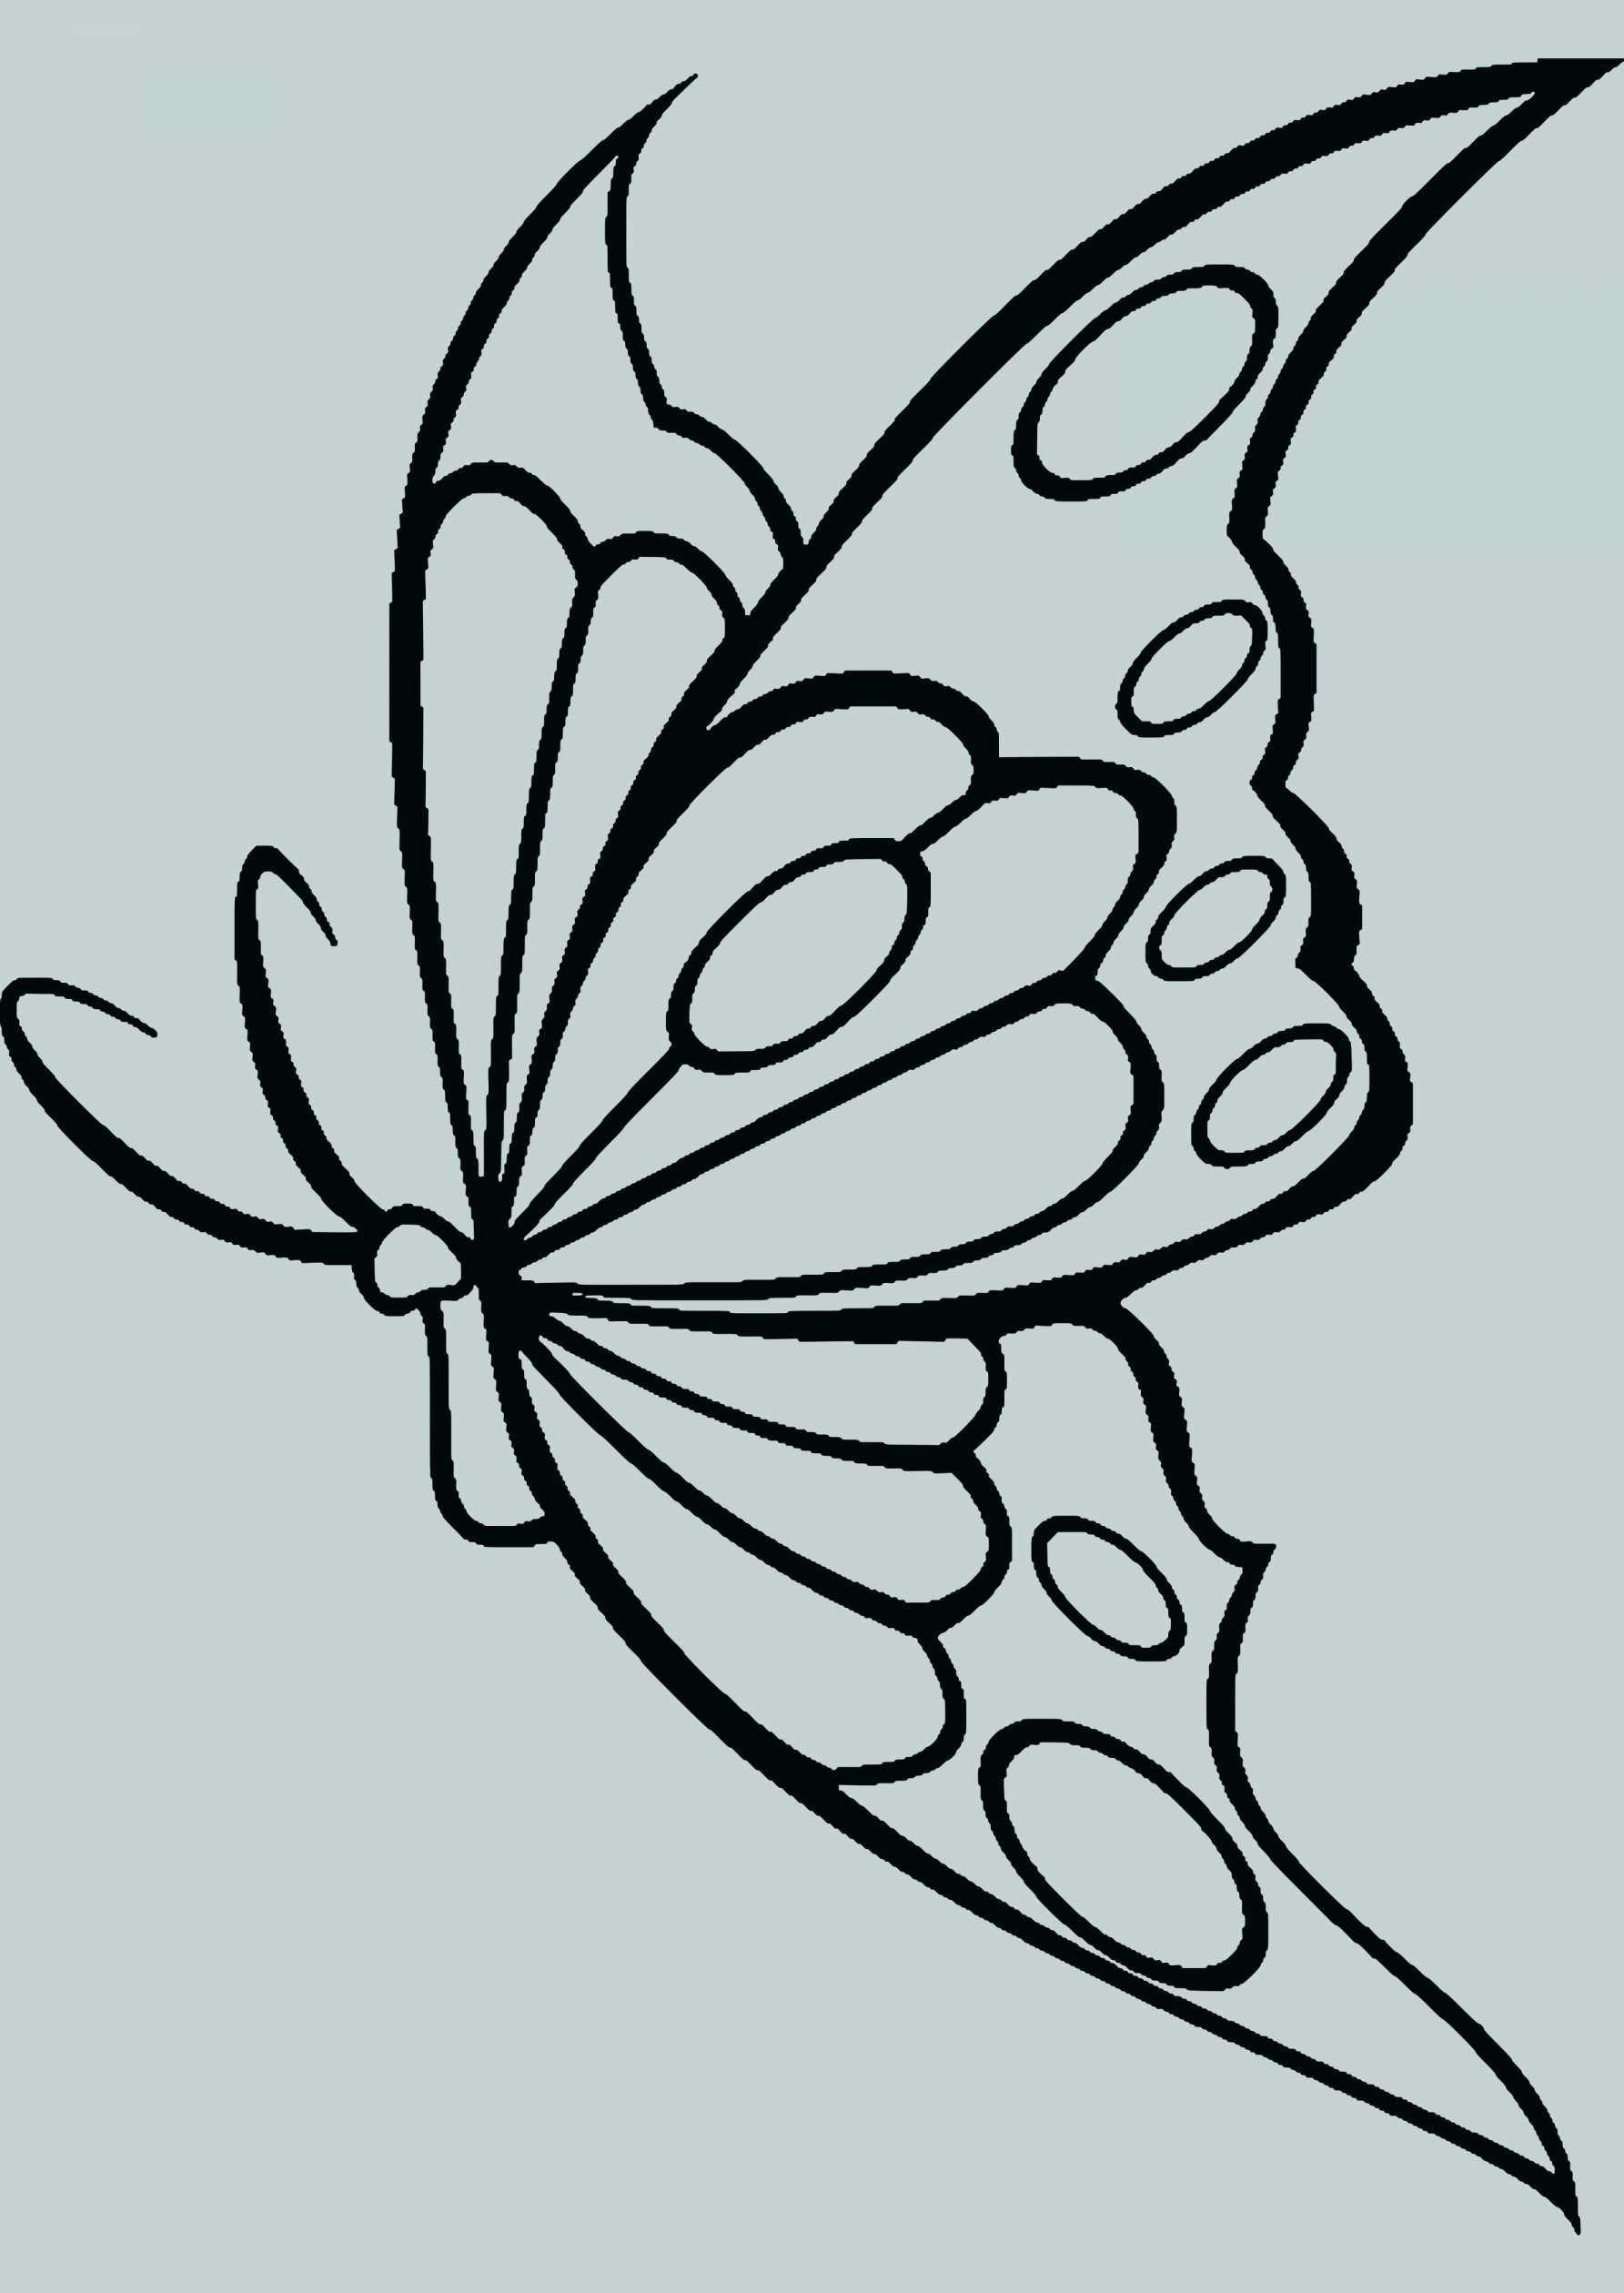 Neu Schmetterling Vorlagen Malvorlagen Malvorlagenfurkinder Malvorlagenfurerwachsene Schmetterling Vorlage Schmetterlingszeichnung Schmetterling Bilder